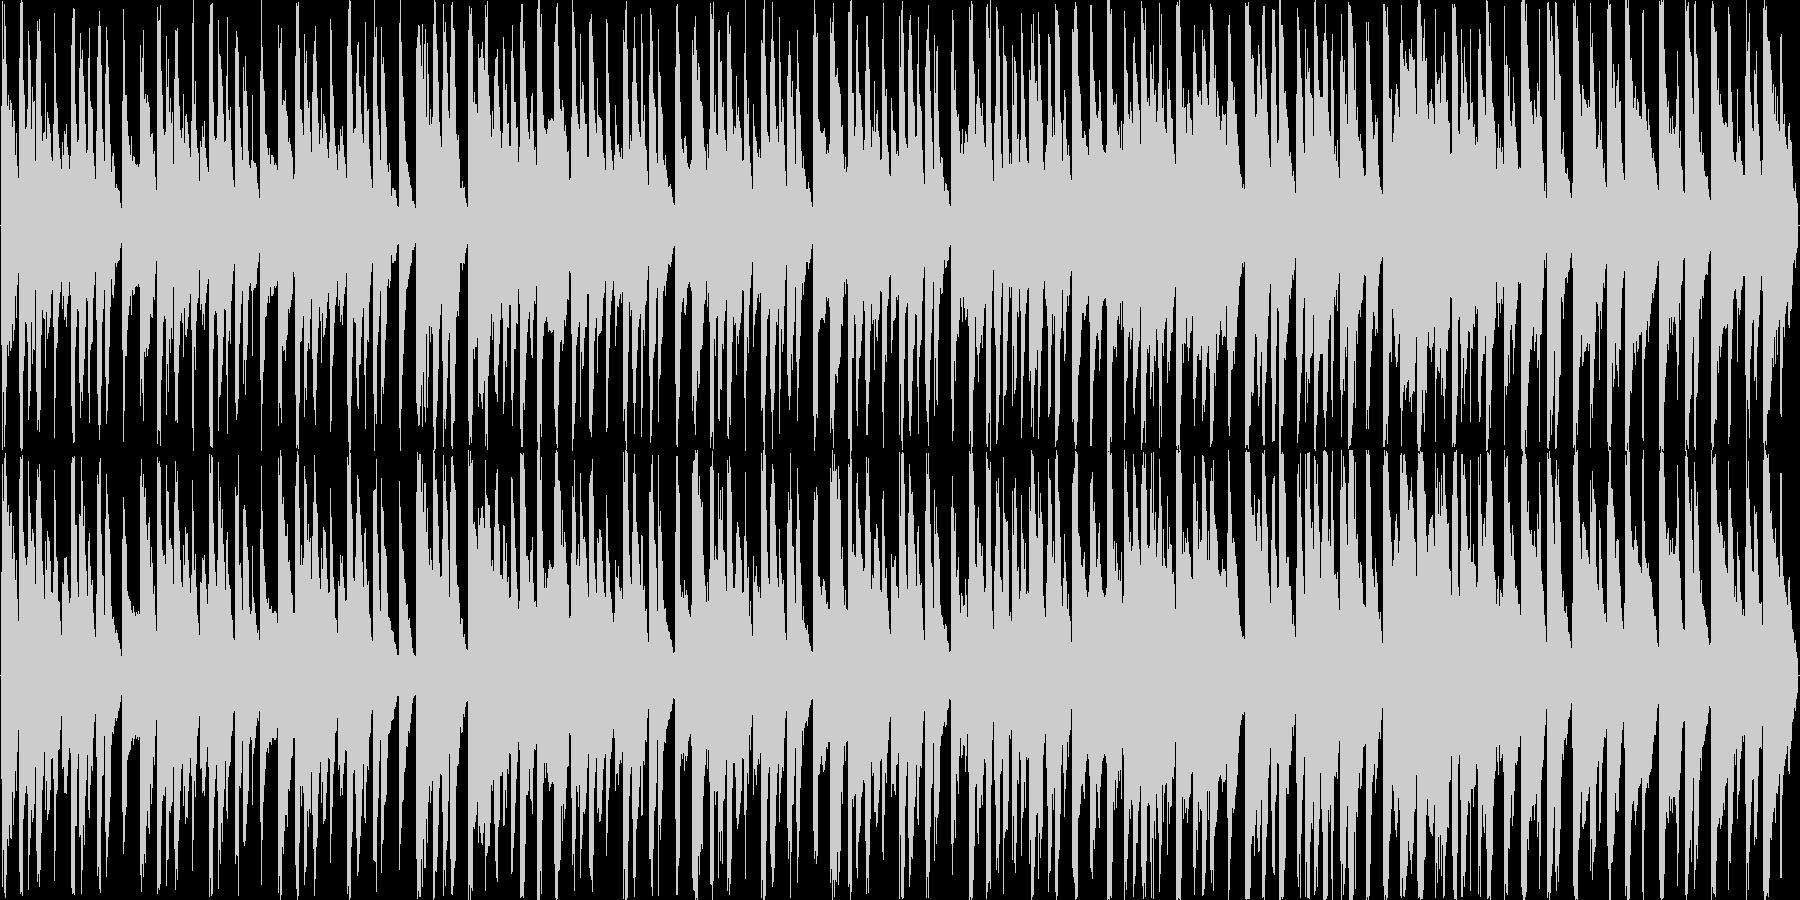 明るく楽しい コミカルなラテンBGMの未再生の波形